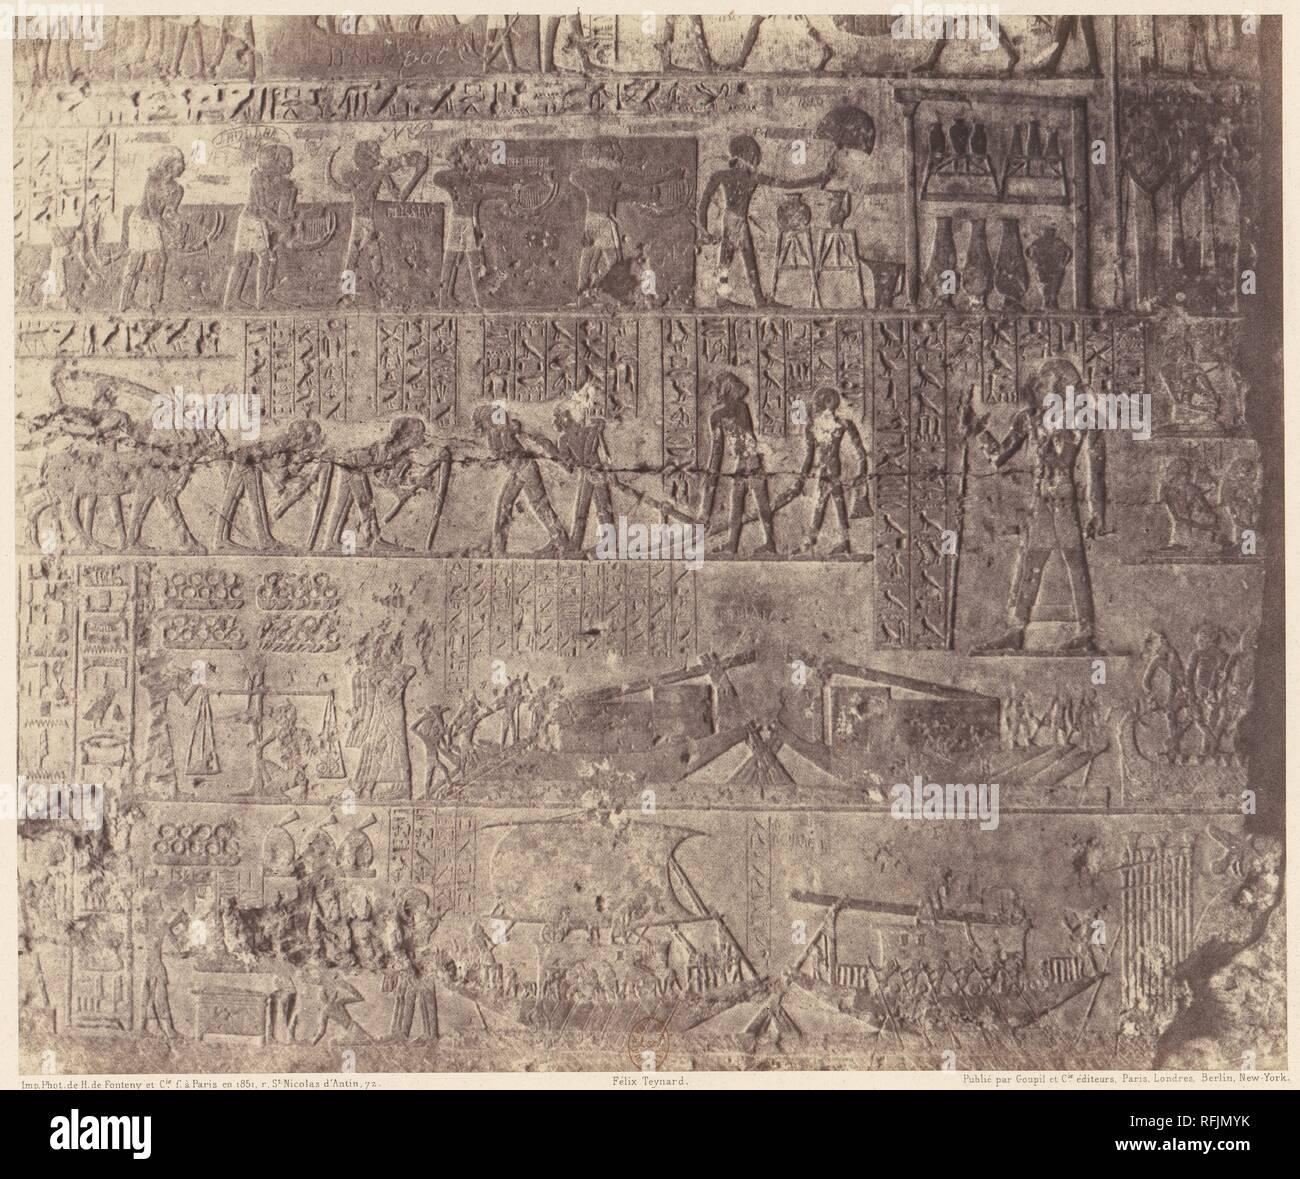 El-Kab (Éléthya), Architecture Hypogéenne - Tombeau de Phapé - Sculptures Pientes. Artist: Félix Teynard (French, 1817-1892). Dimensions: 25.2 x 30.2 cm. (9  15/16  x 11  7/8  in.). Printer: Imprimerie Photographique de H. de Fonteny et Cie. Date: 1851-52, printed 1853-54. Museum: Metropolitan Museum of Art, New York, USA. - Stock Image